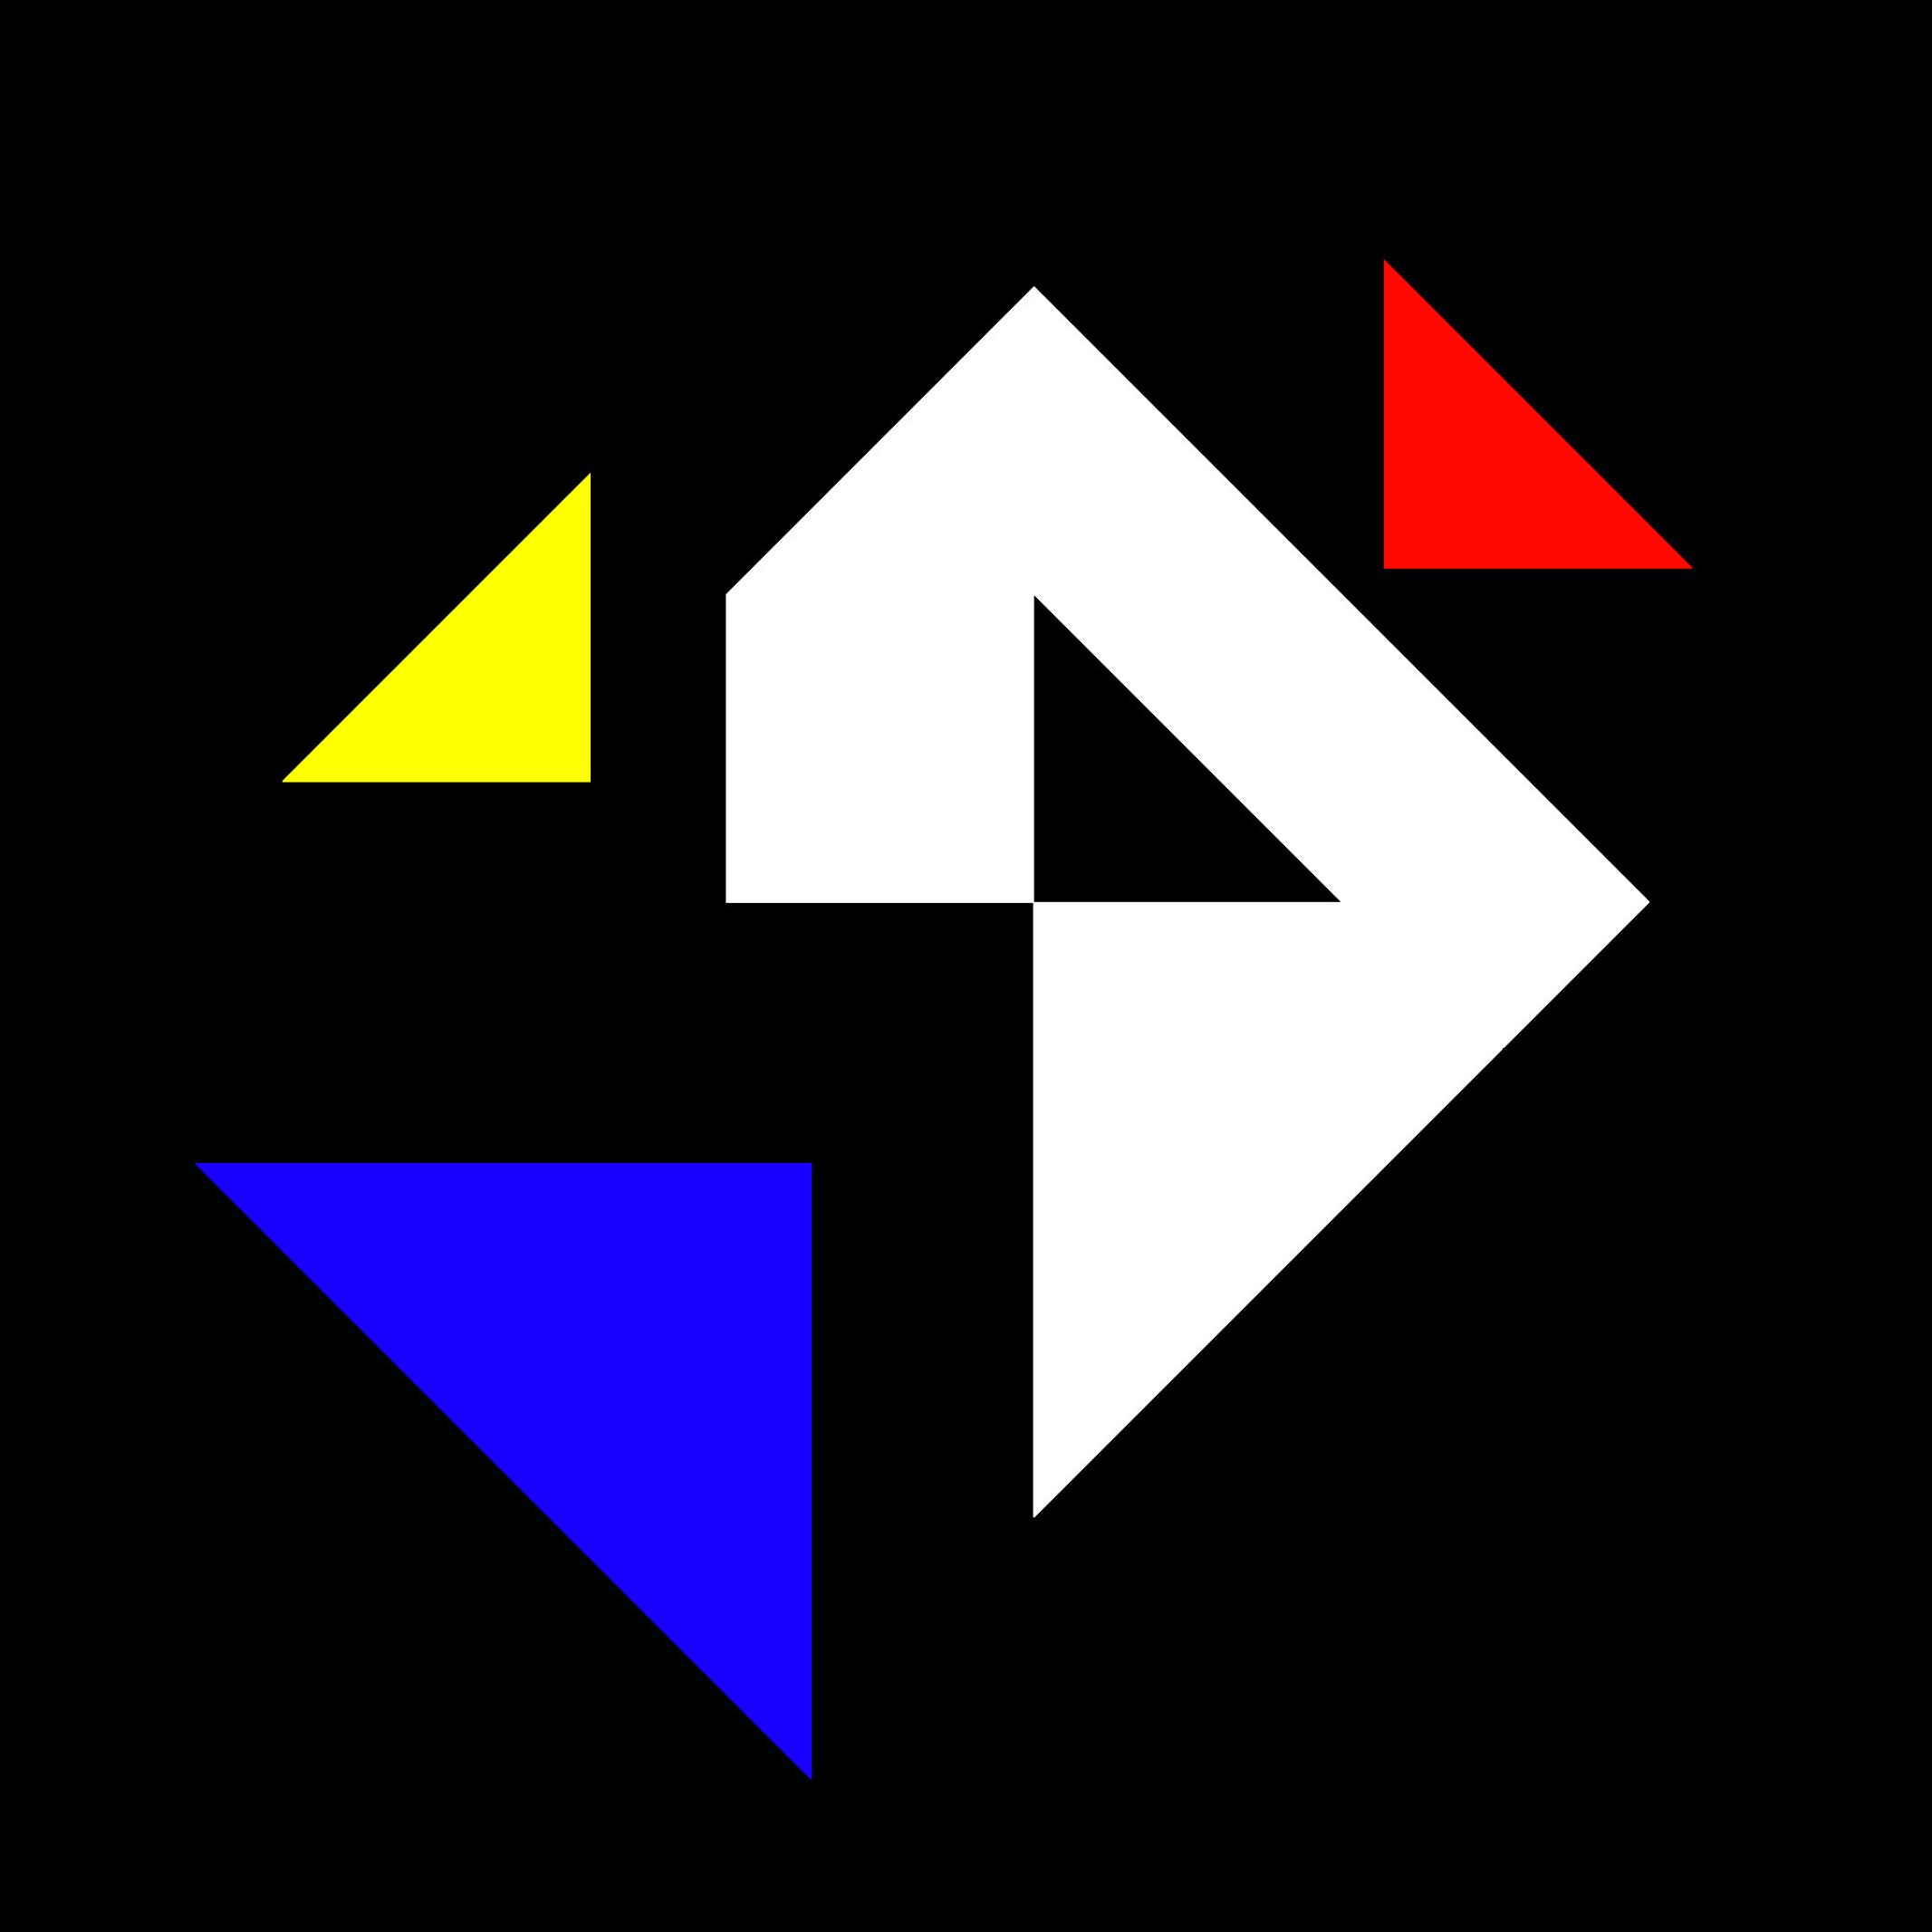 Form&Color_F1613.jpg